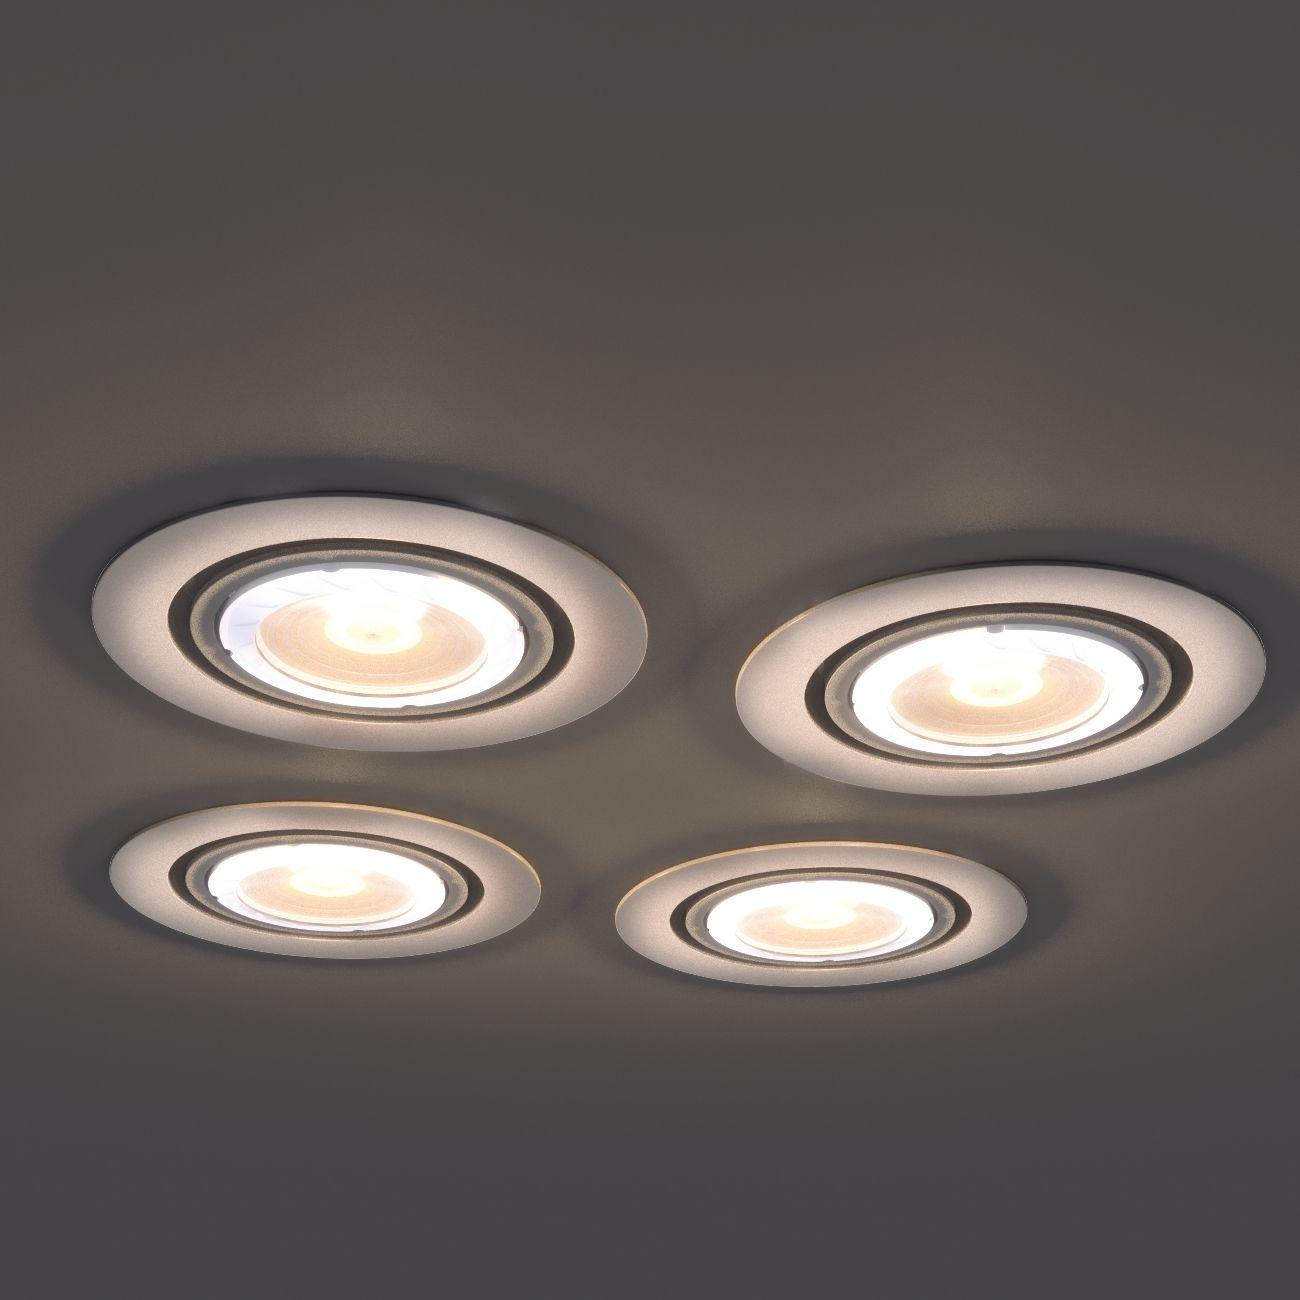 Deleycon led spot energiesparlampe fassung mr16 2700k warm deleycon led lampe led birne led spot energiesparleuchte licht ist nicht gleich licht schaffen sie mit deleycon led energiesparlampen wohlfhlatmosphre parisarafo Gallery